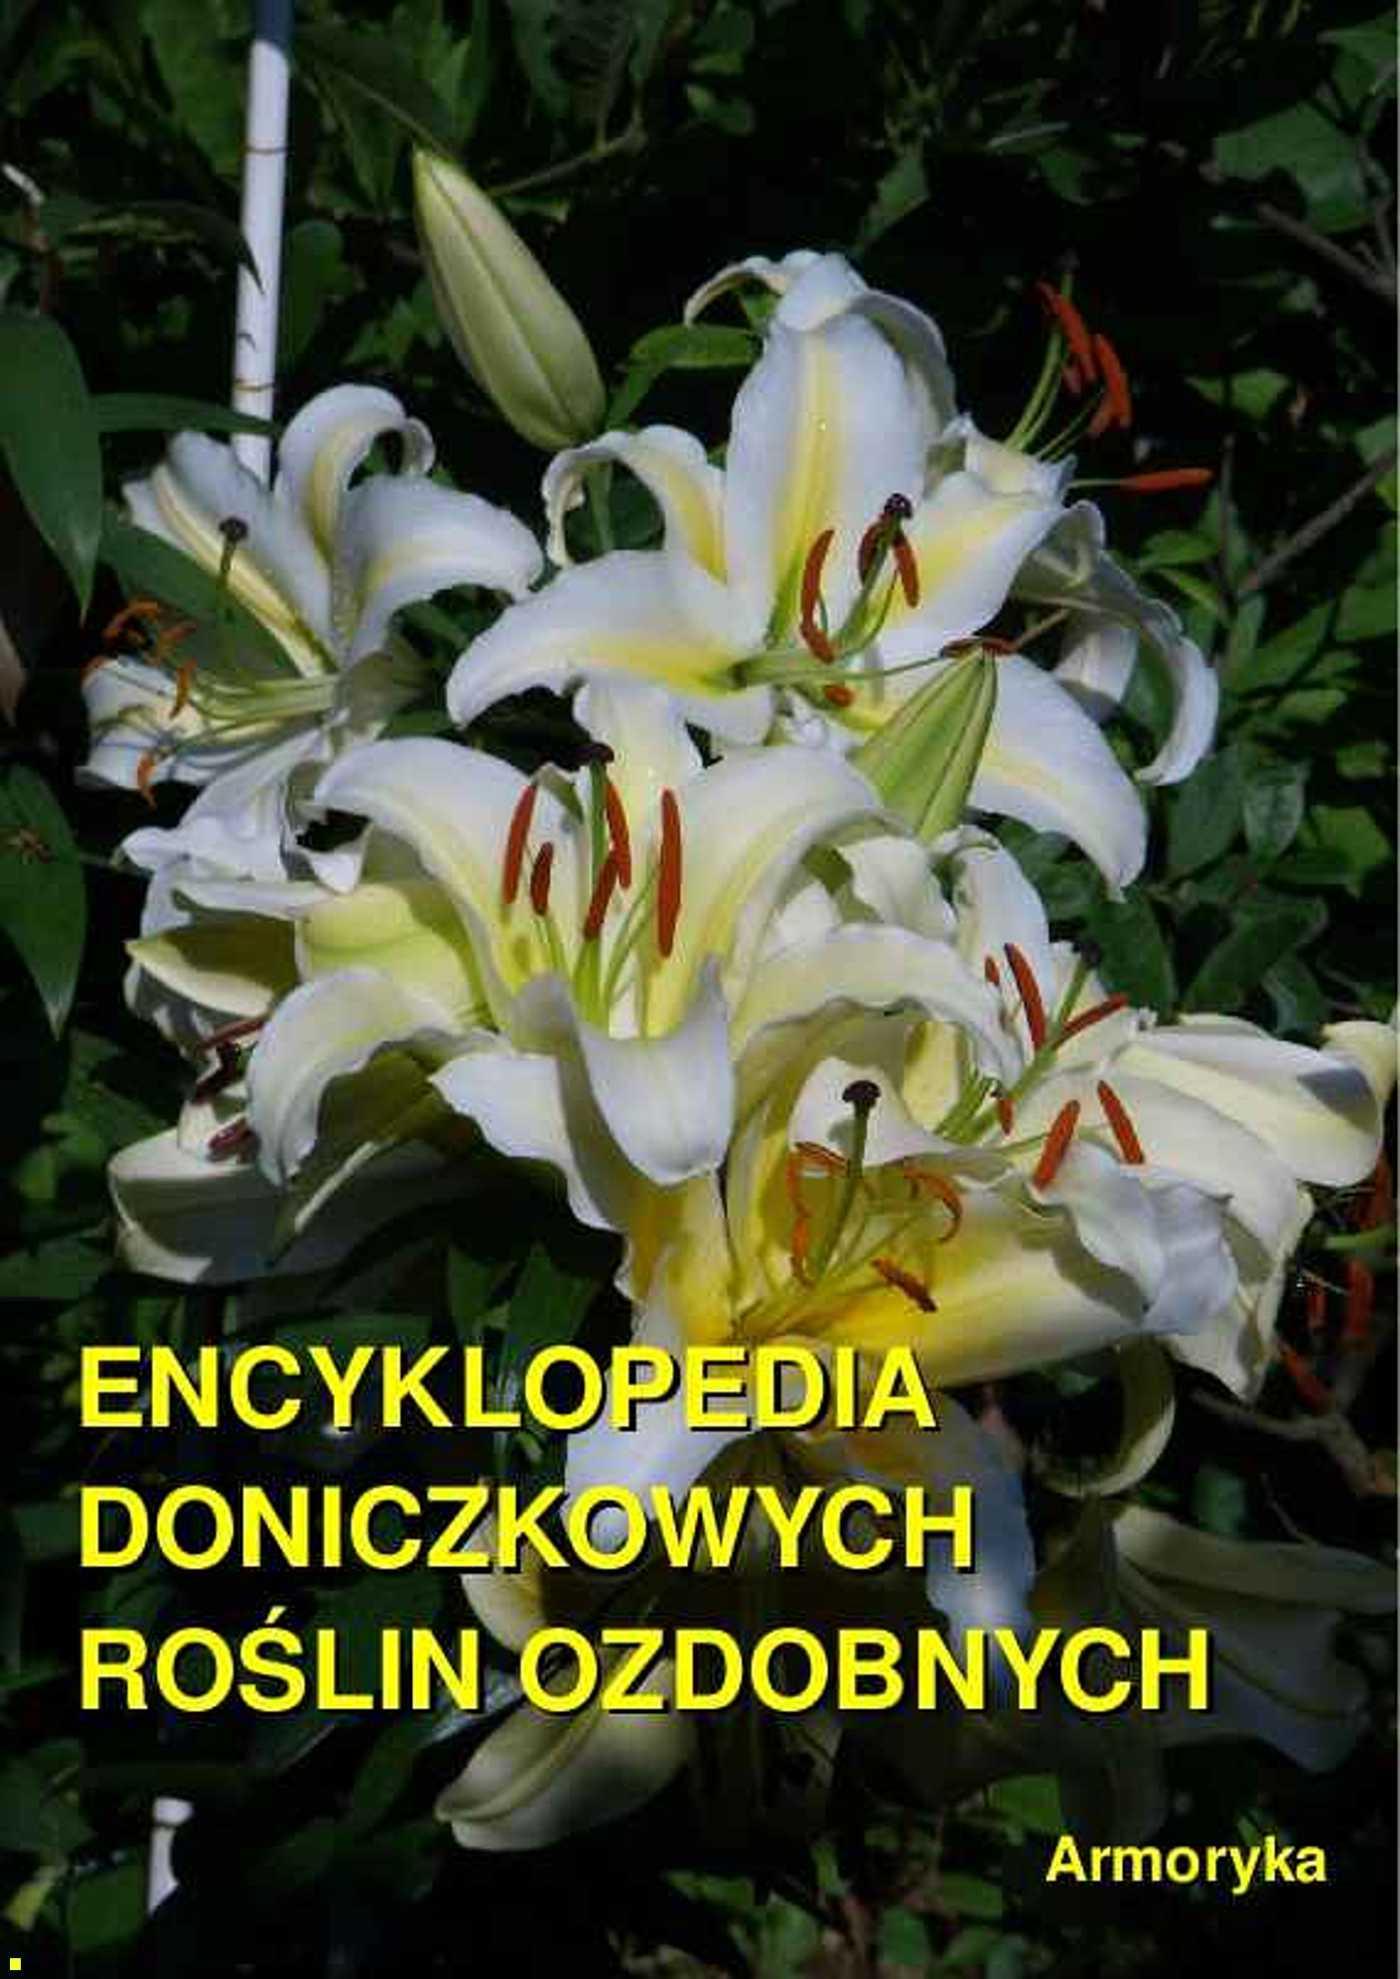 Encyklopedia doniczkowych roślin ozdobnych - Ebook (Książka EPUB) do pobrania w formacie EPUB